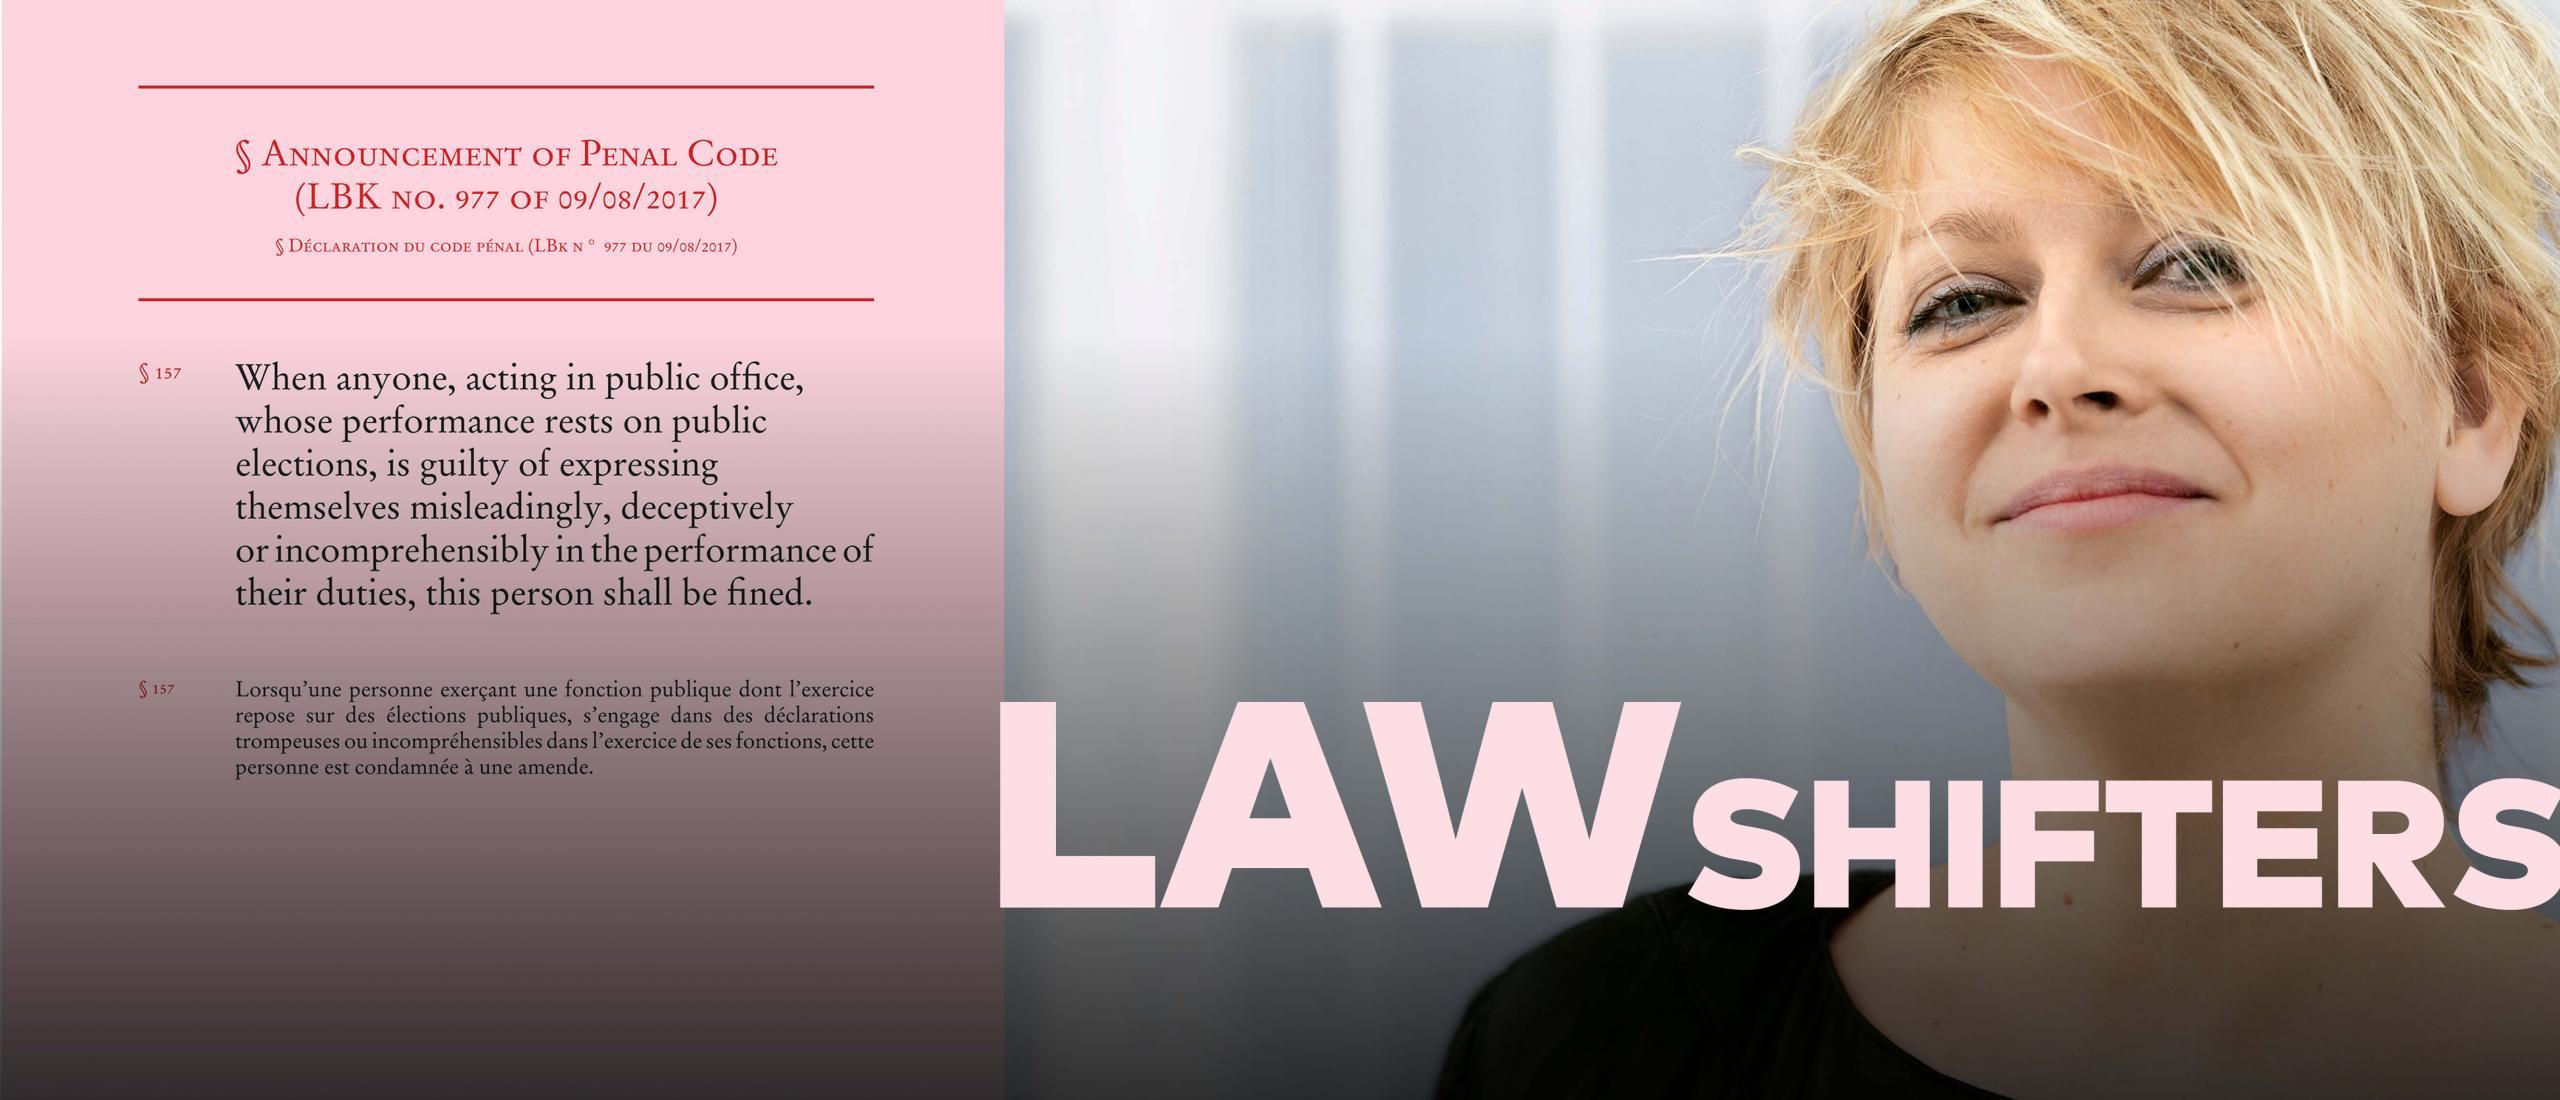 Lawshifters - Nordens institut på Åland